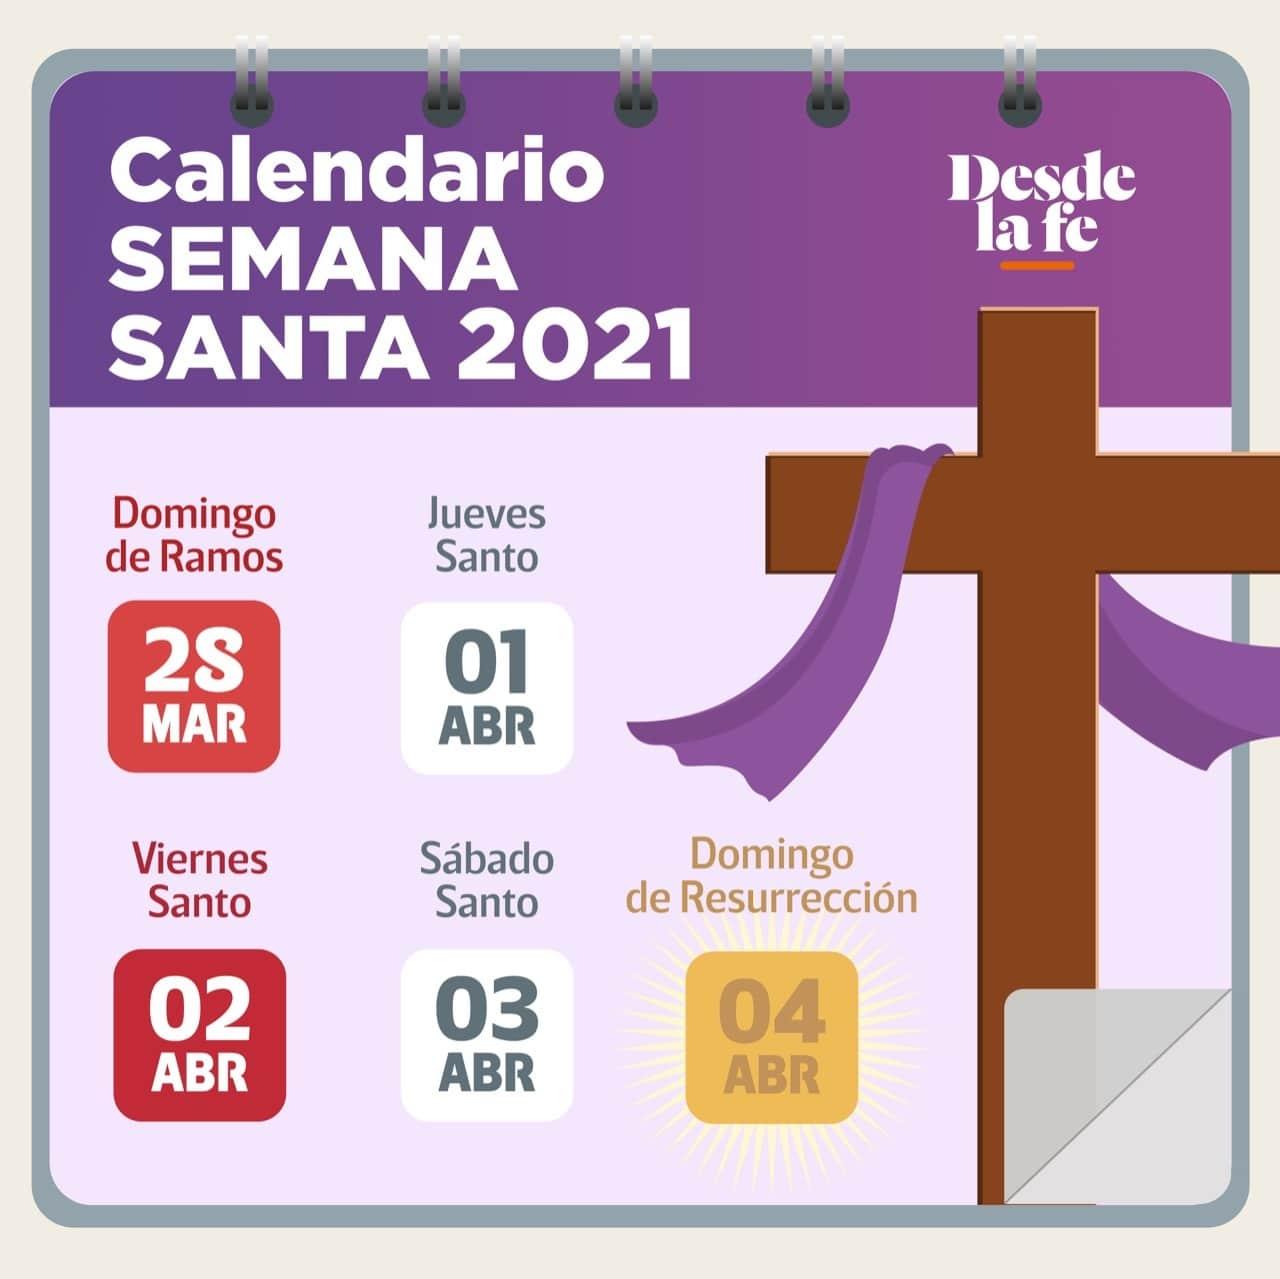 ¿Cuándo es Semana Santa 2021? Calendario de Semana Santa 2021.